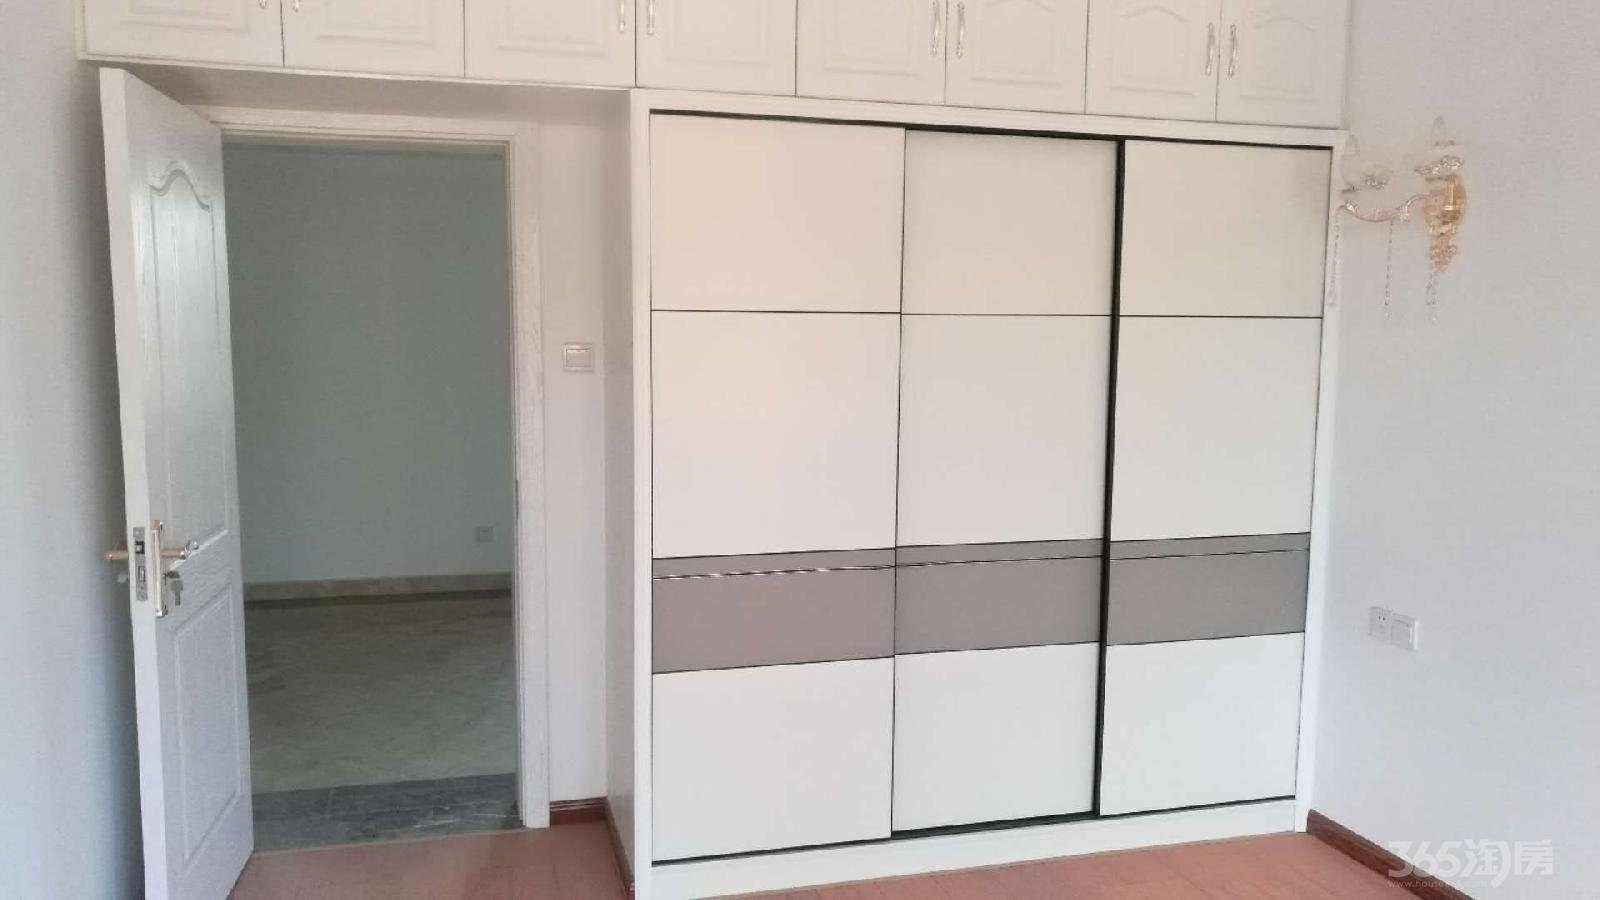 盐城中江嘉城3室2厅1卫98平米2014年产权房精装